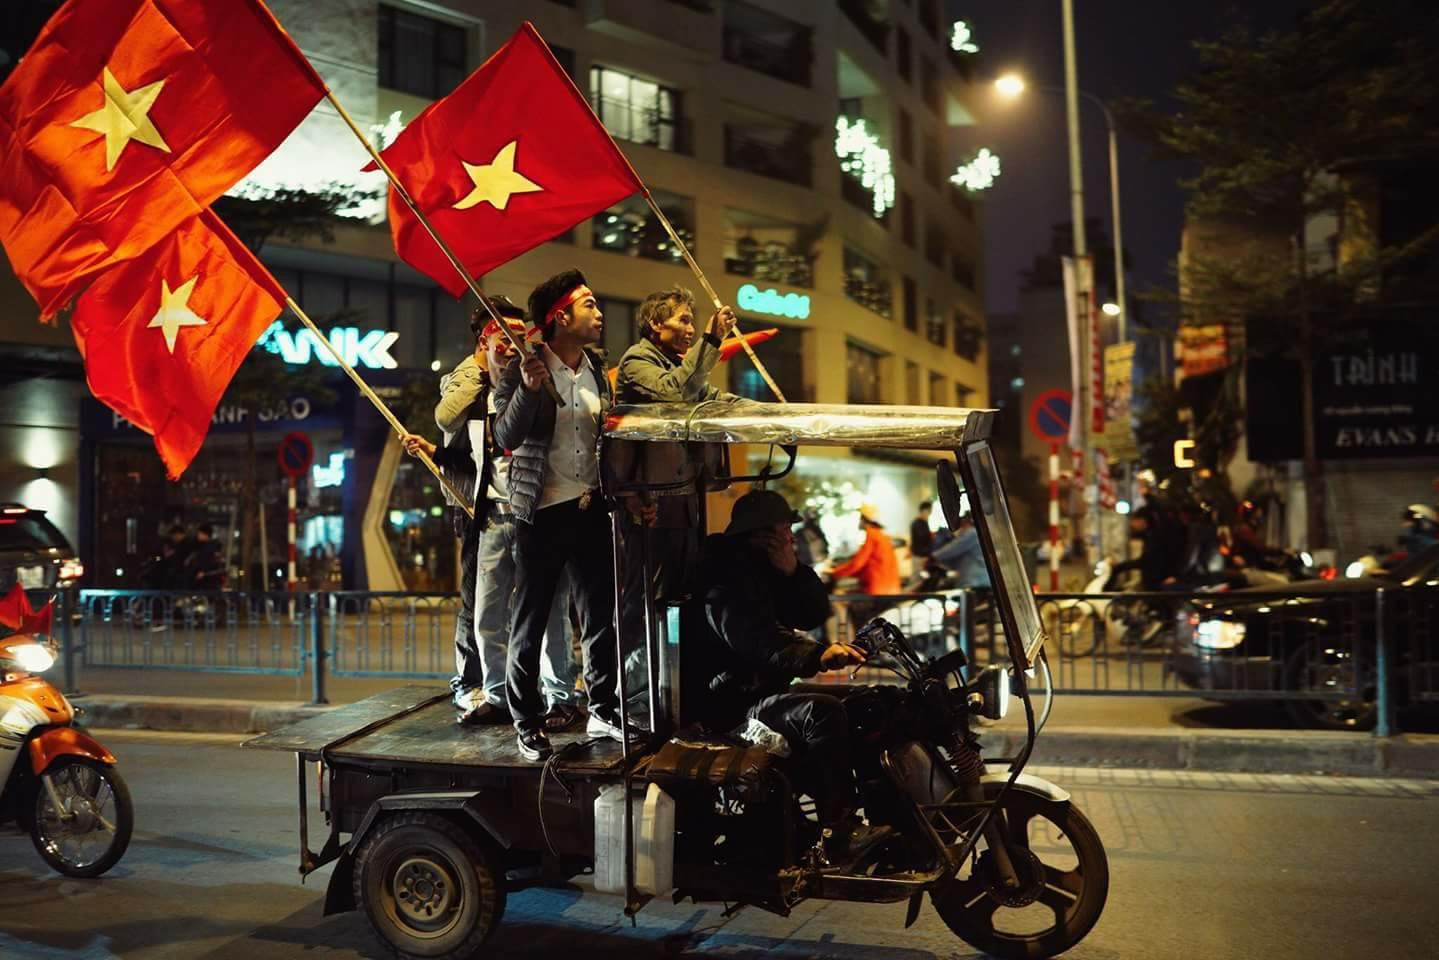 Những nhạc cụ gõ mừng U23 Việt Nam chiến thắng đặc dị khác thường nhất đêm qua - Ảnh 7.